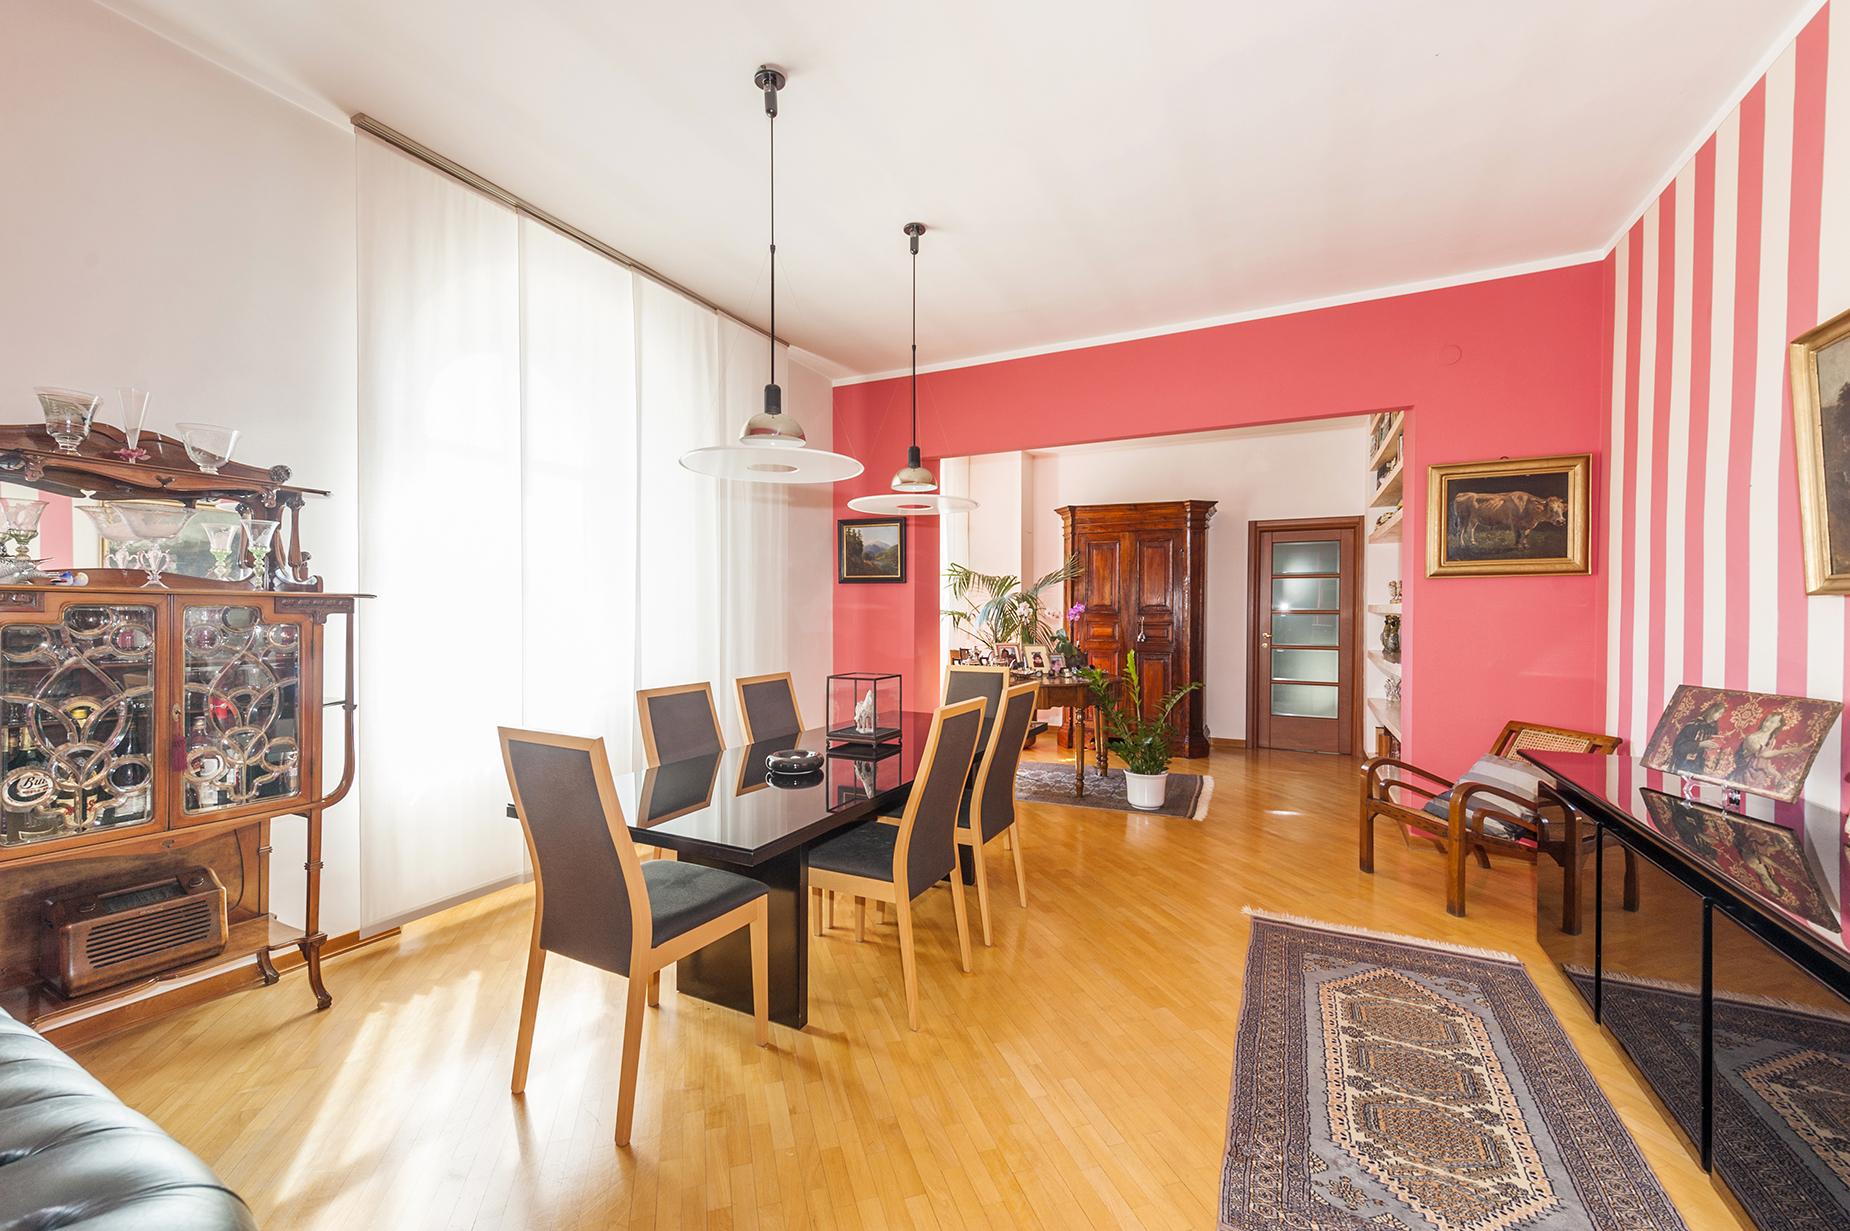 Casa indipendente in Vendita a Sorano: 5 locali, 230 mq - Foto 7